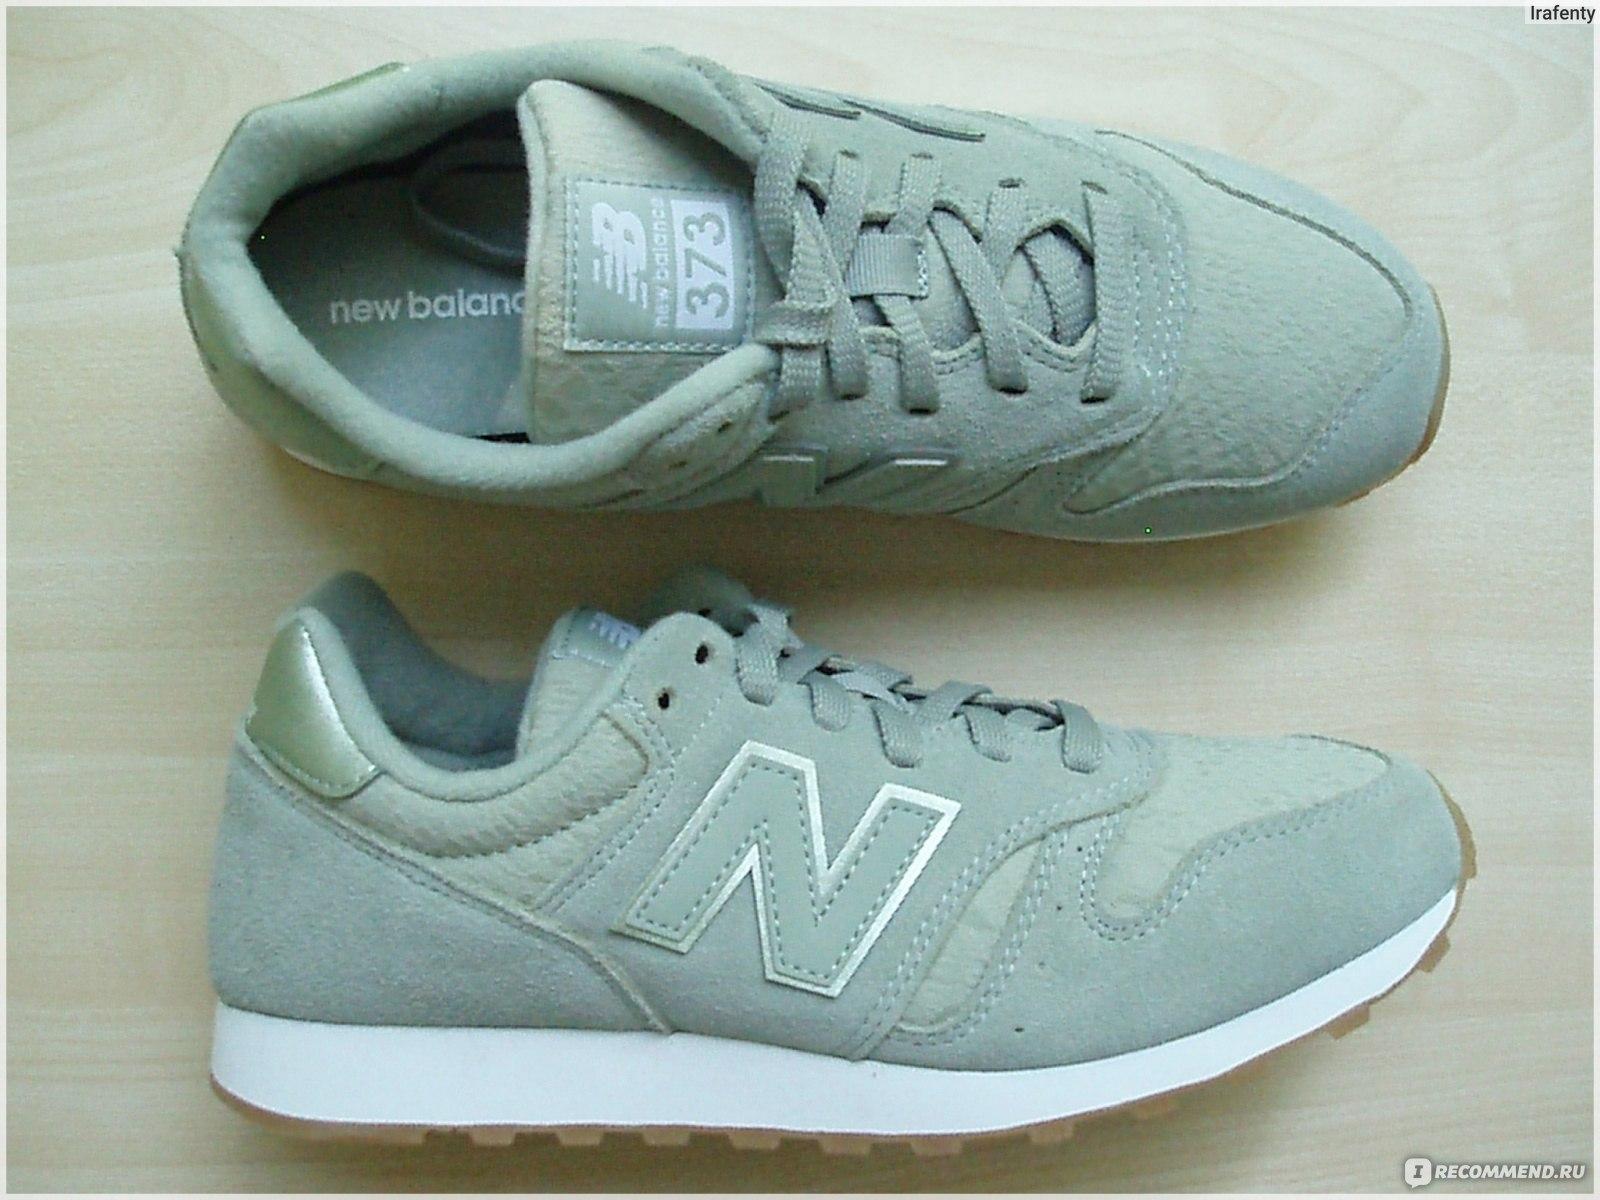 4bb229af Кроссовки New Balance 373 - «👟Самые удобные и стильные кроссовки ...